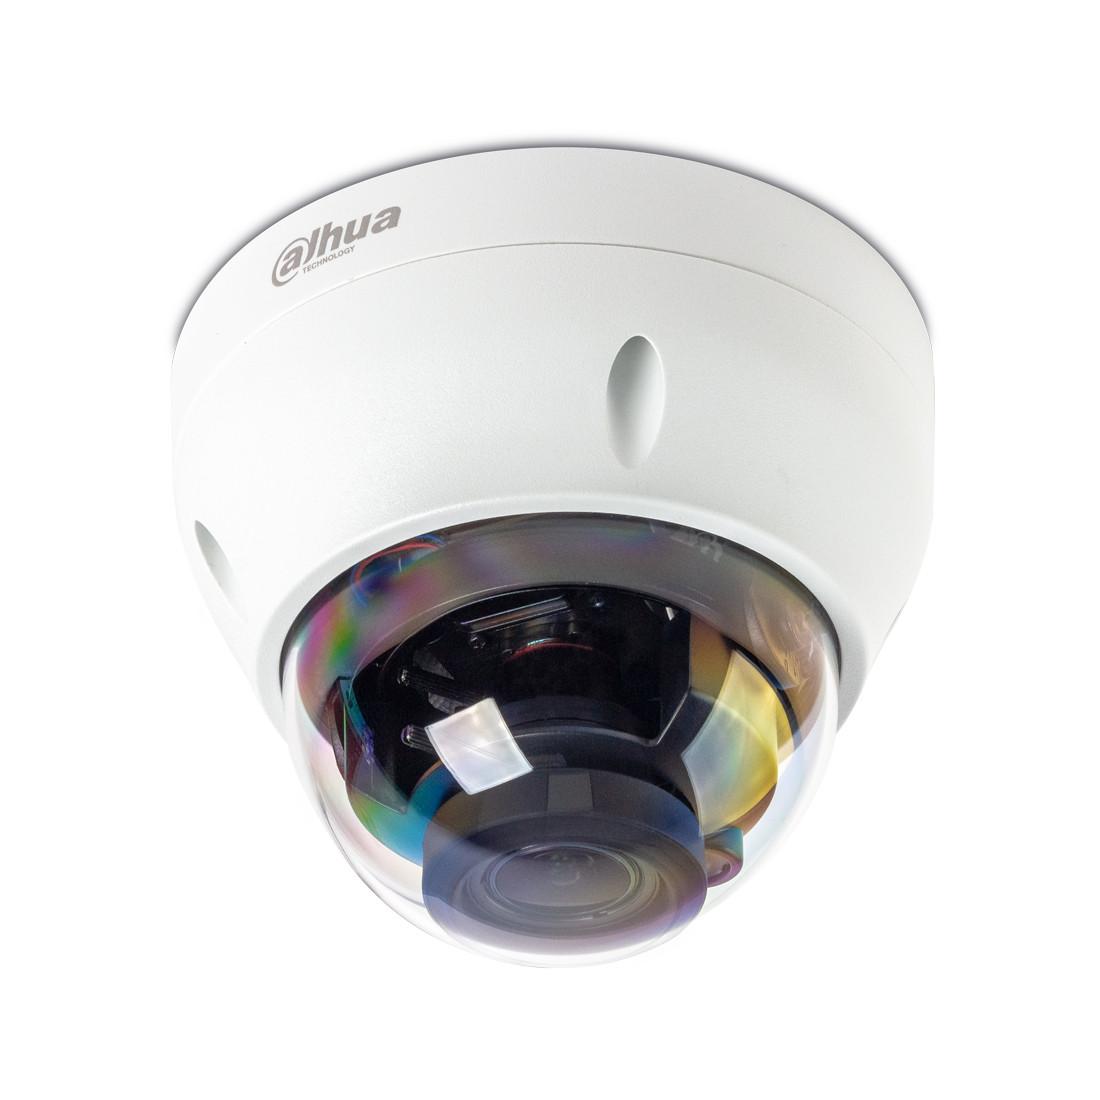 Dahua DH-HAC-HDPW1410RP-VF-2712 Купольная Аналоговая видеокамера, 4.0 МП, Функция день/ночь